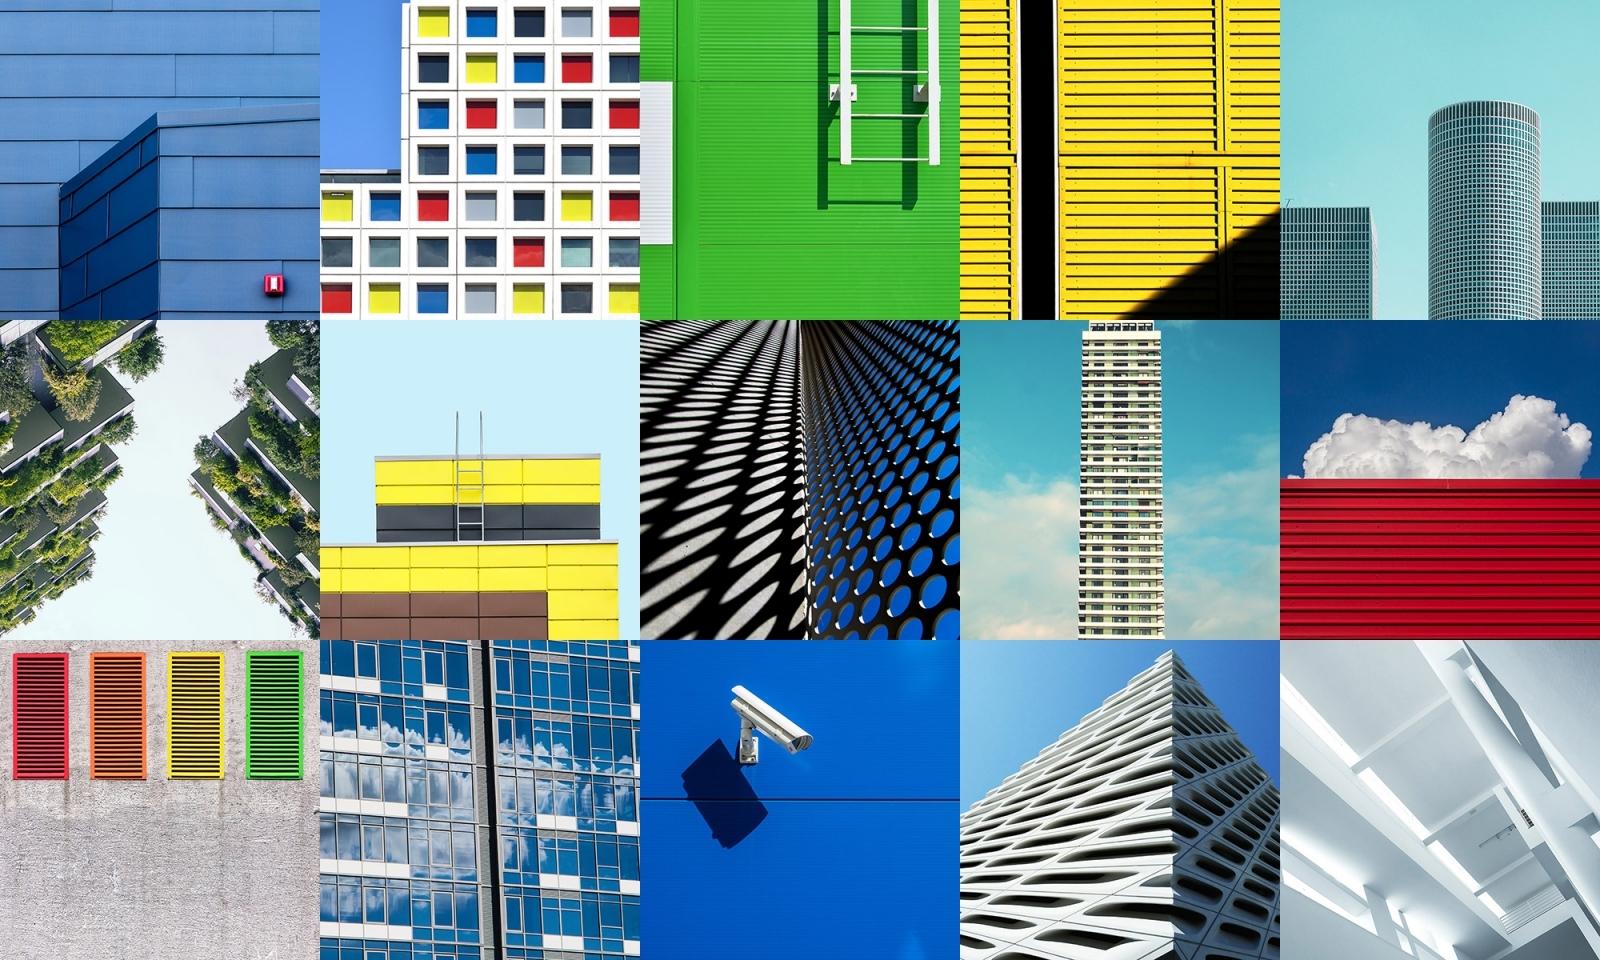 The Graphic City EyeEm